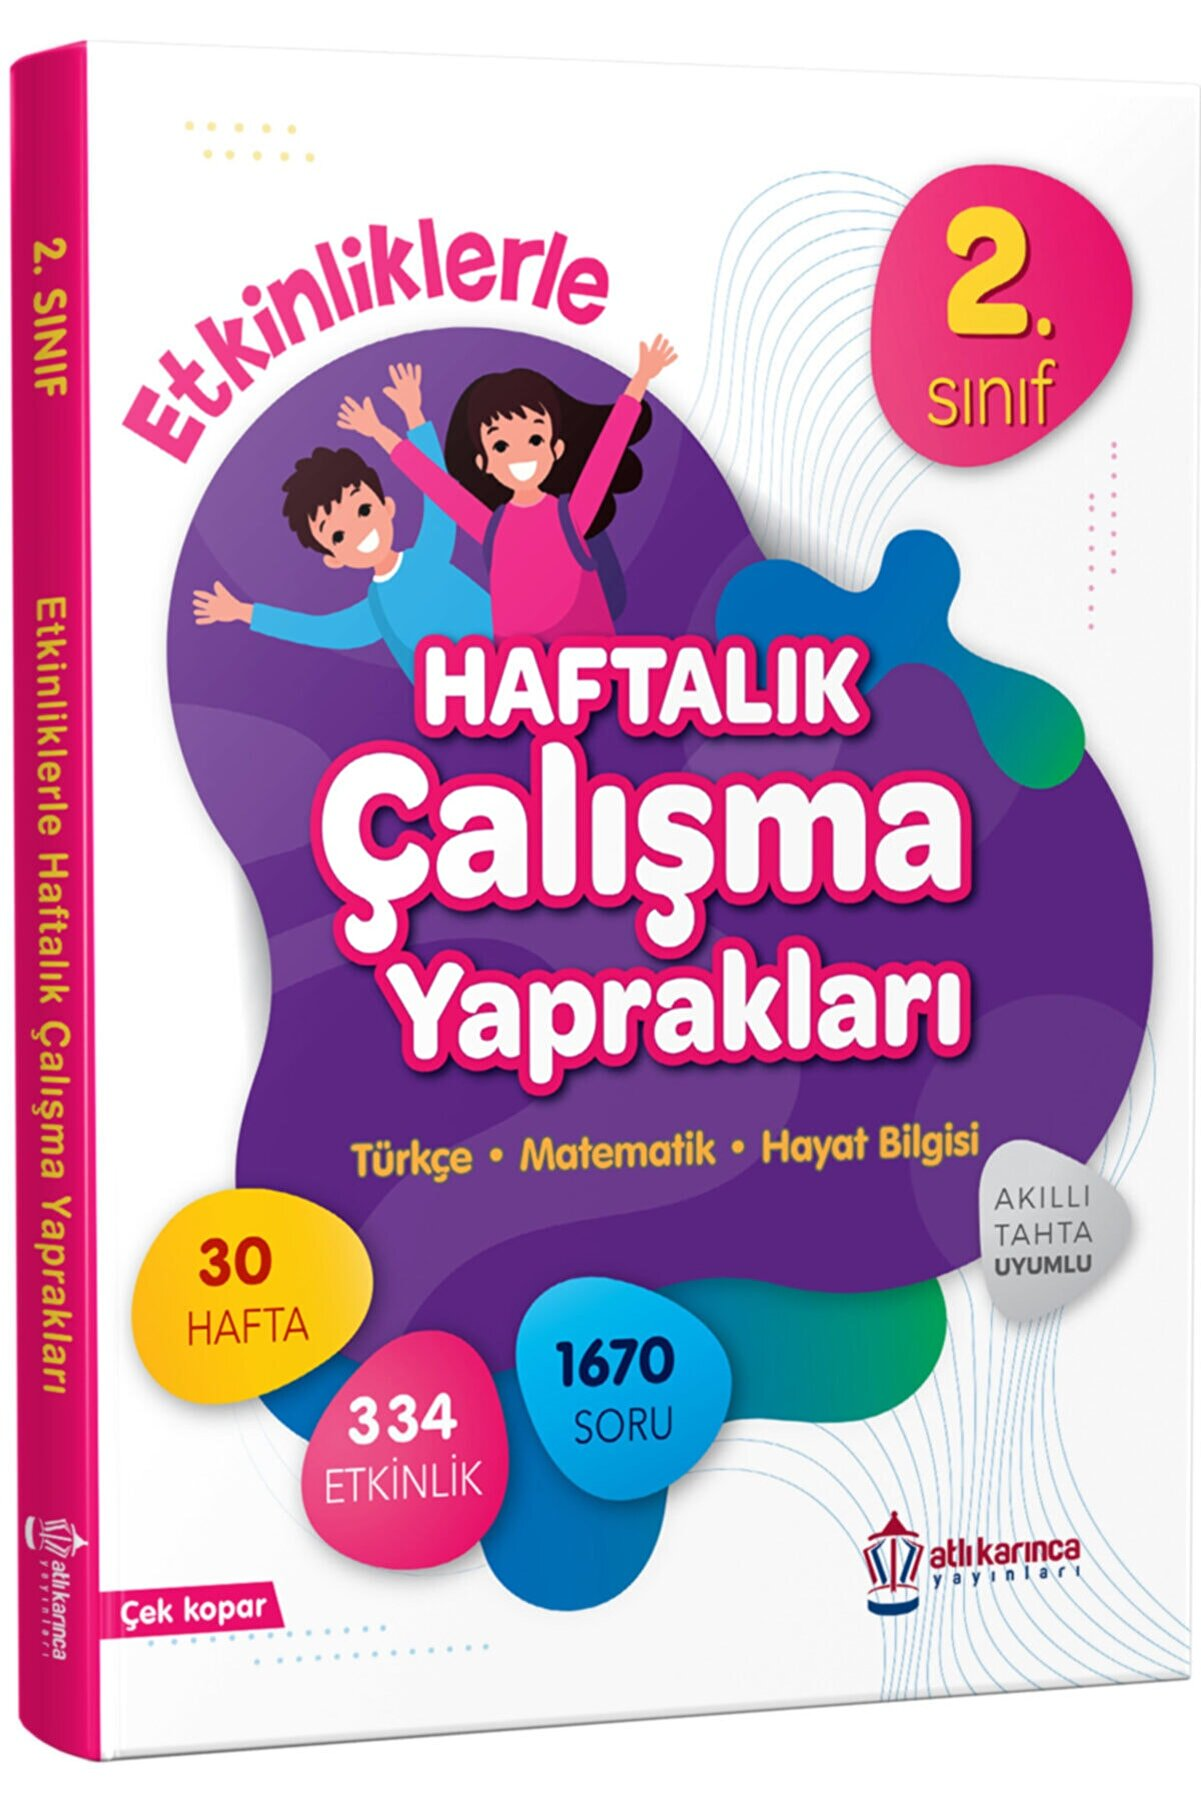 ATLIKARINCA YAYINLARI 2.sınıf Etkinliklerle Haftalık Çalışma Yaprakları Türkçe Matematik Hayat Bilgisi Tüm Dersler Ödev